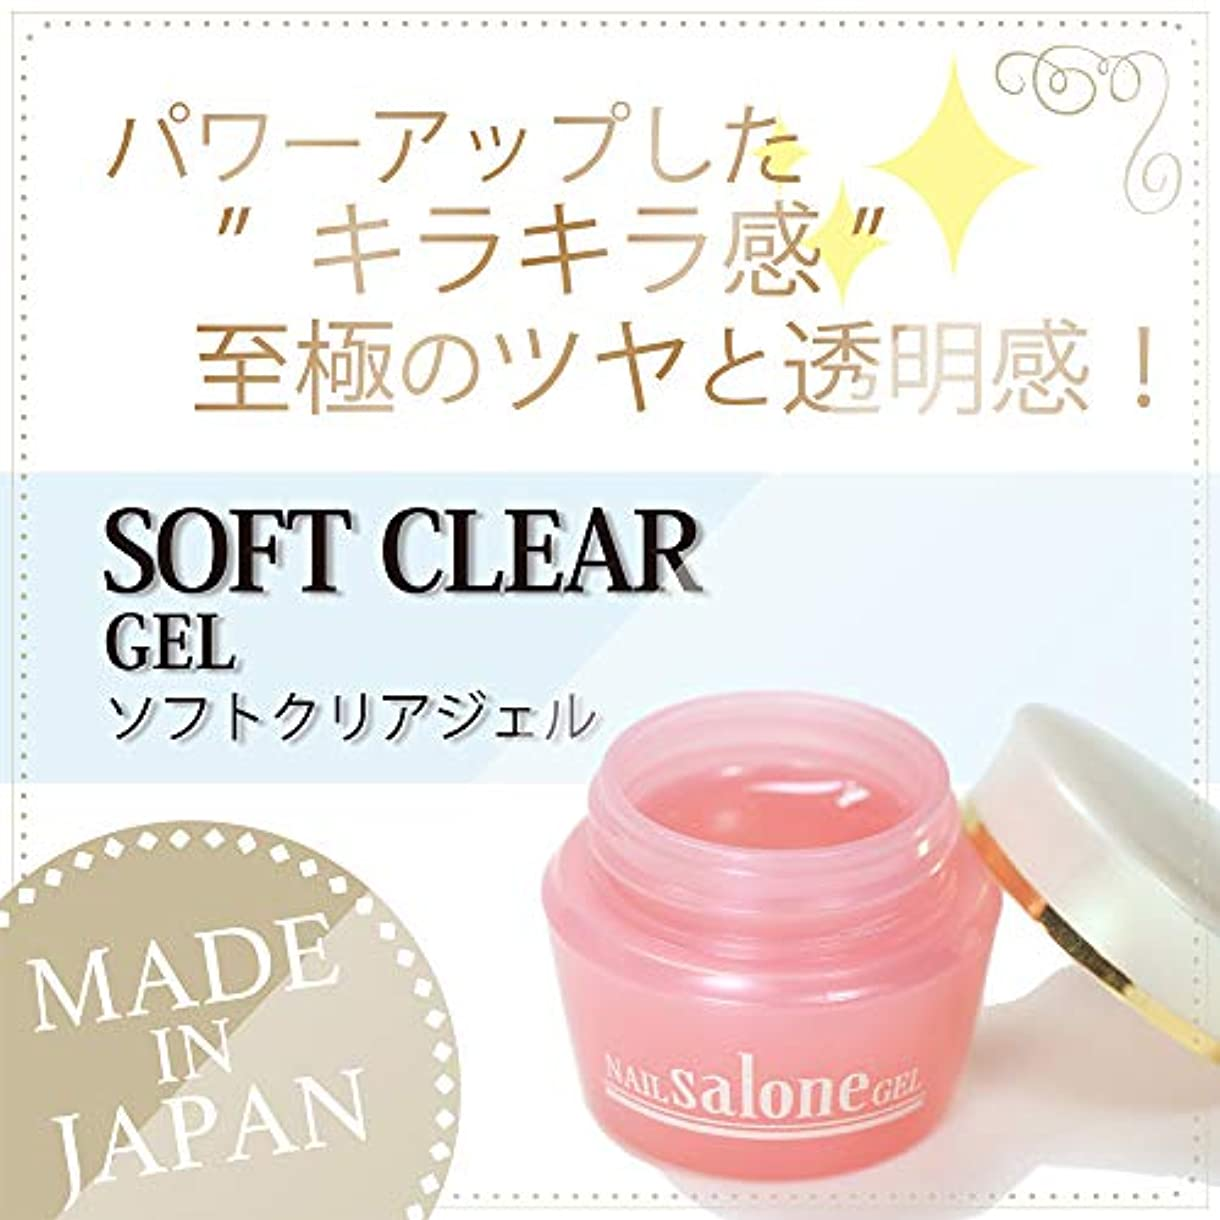 促す運命的なエンティティSalone gel サローネ ソフトクリアージェル ツヤツヤ キラキラ感持続 抜群のツヤ 爪に優しい日本製 3g